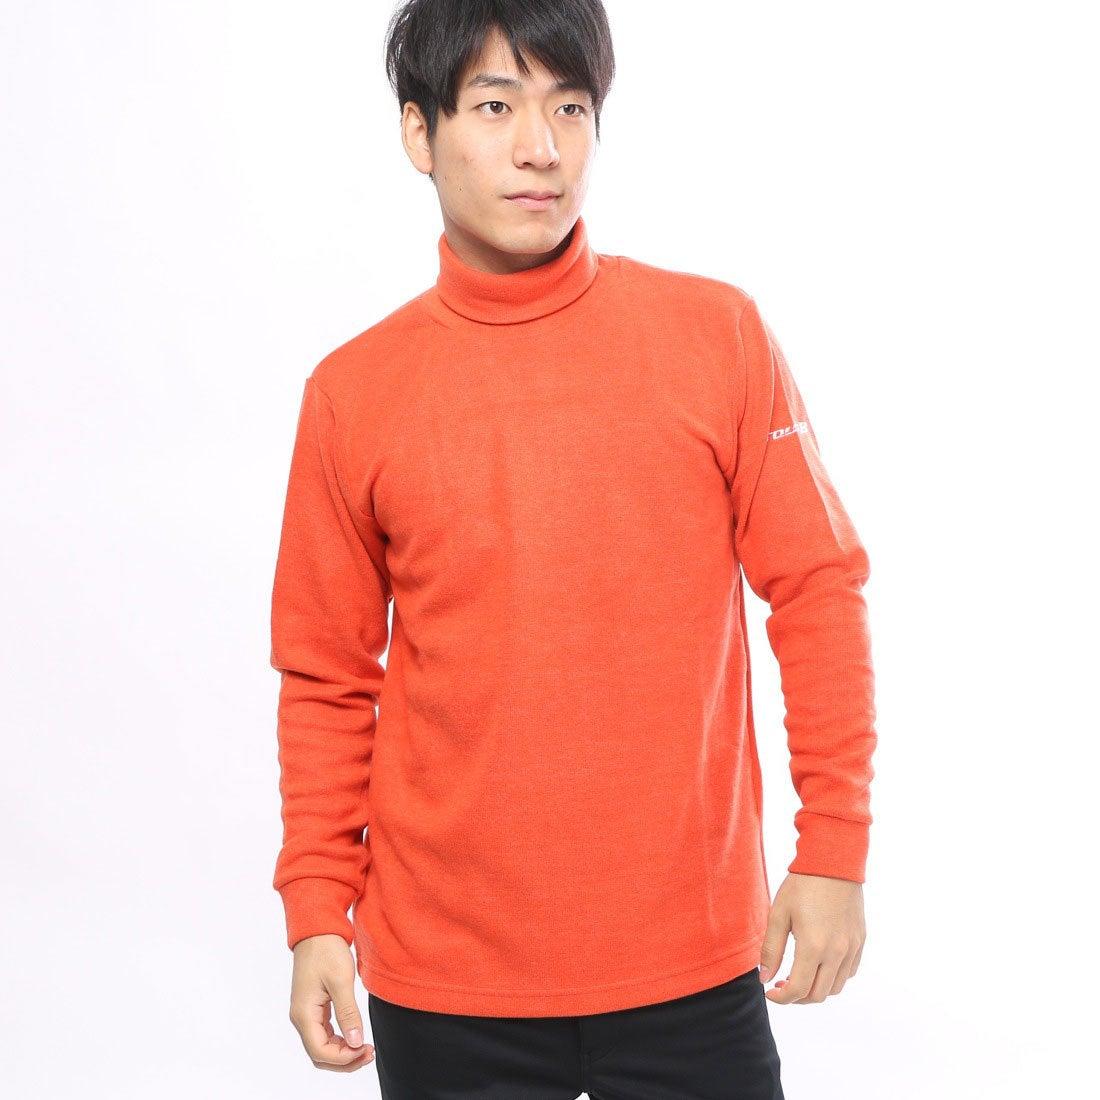 【SALE 30%OFF】ブリヂストンゴルフ BRIDGESTONE GOLF メンズ ゴルフ 長袖シャツ IGM33F IGM33F (オレンジ) メンズ